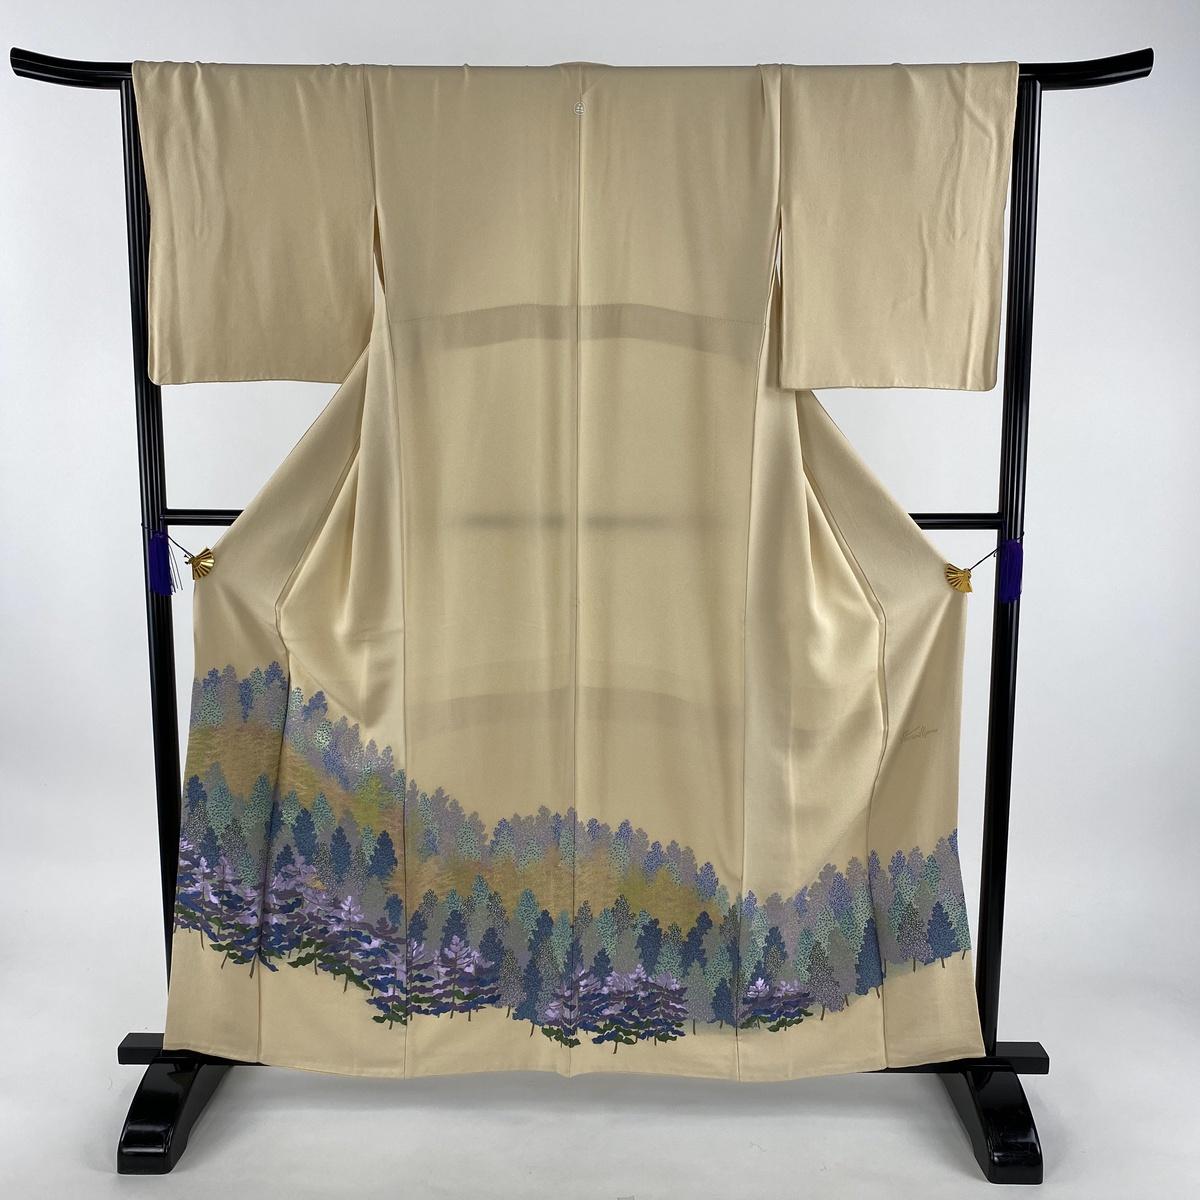 色留袖 名品 落款あり 一つ紋 樹木 ベージュ 袷 身丈160cm 裄丈66cm M 正絹 【中古】